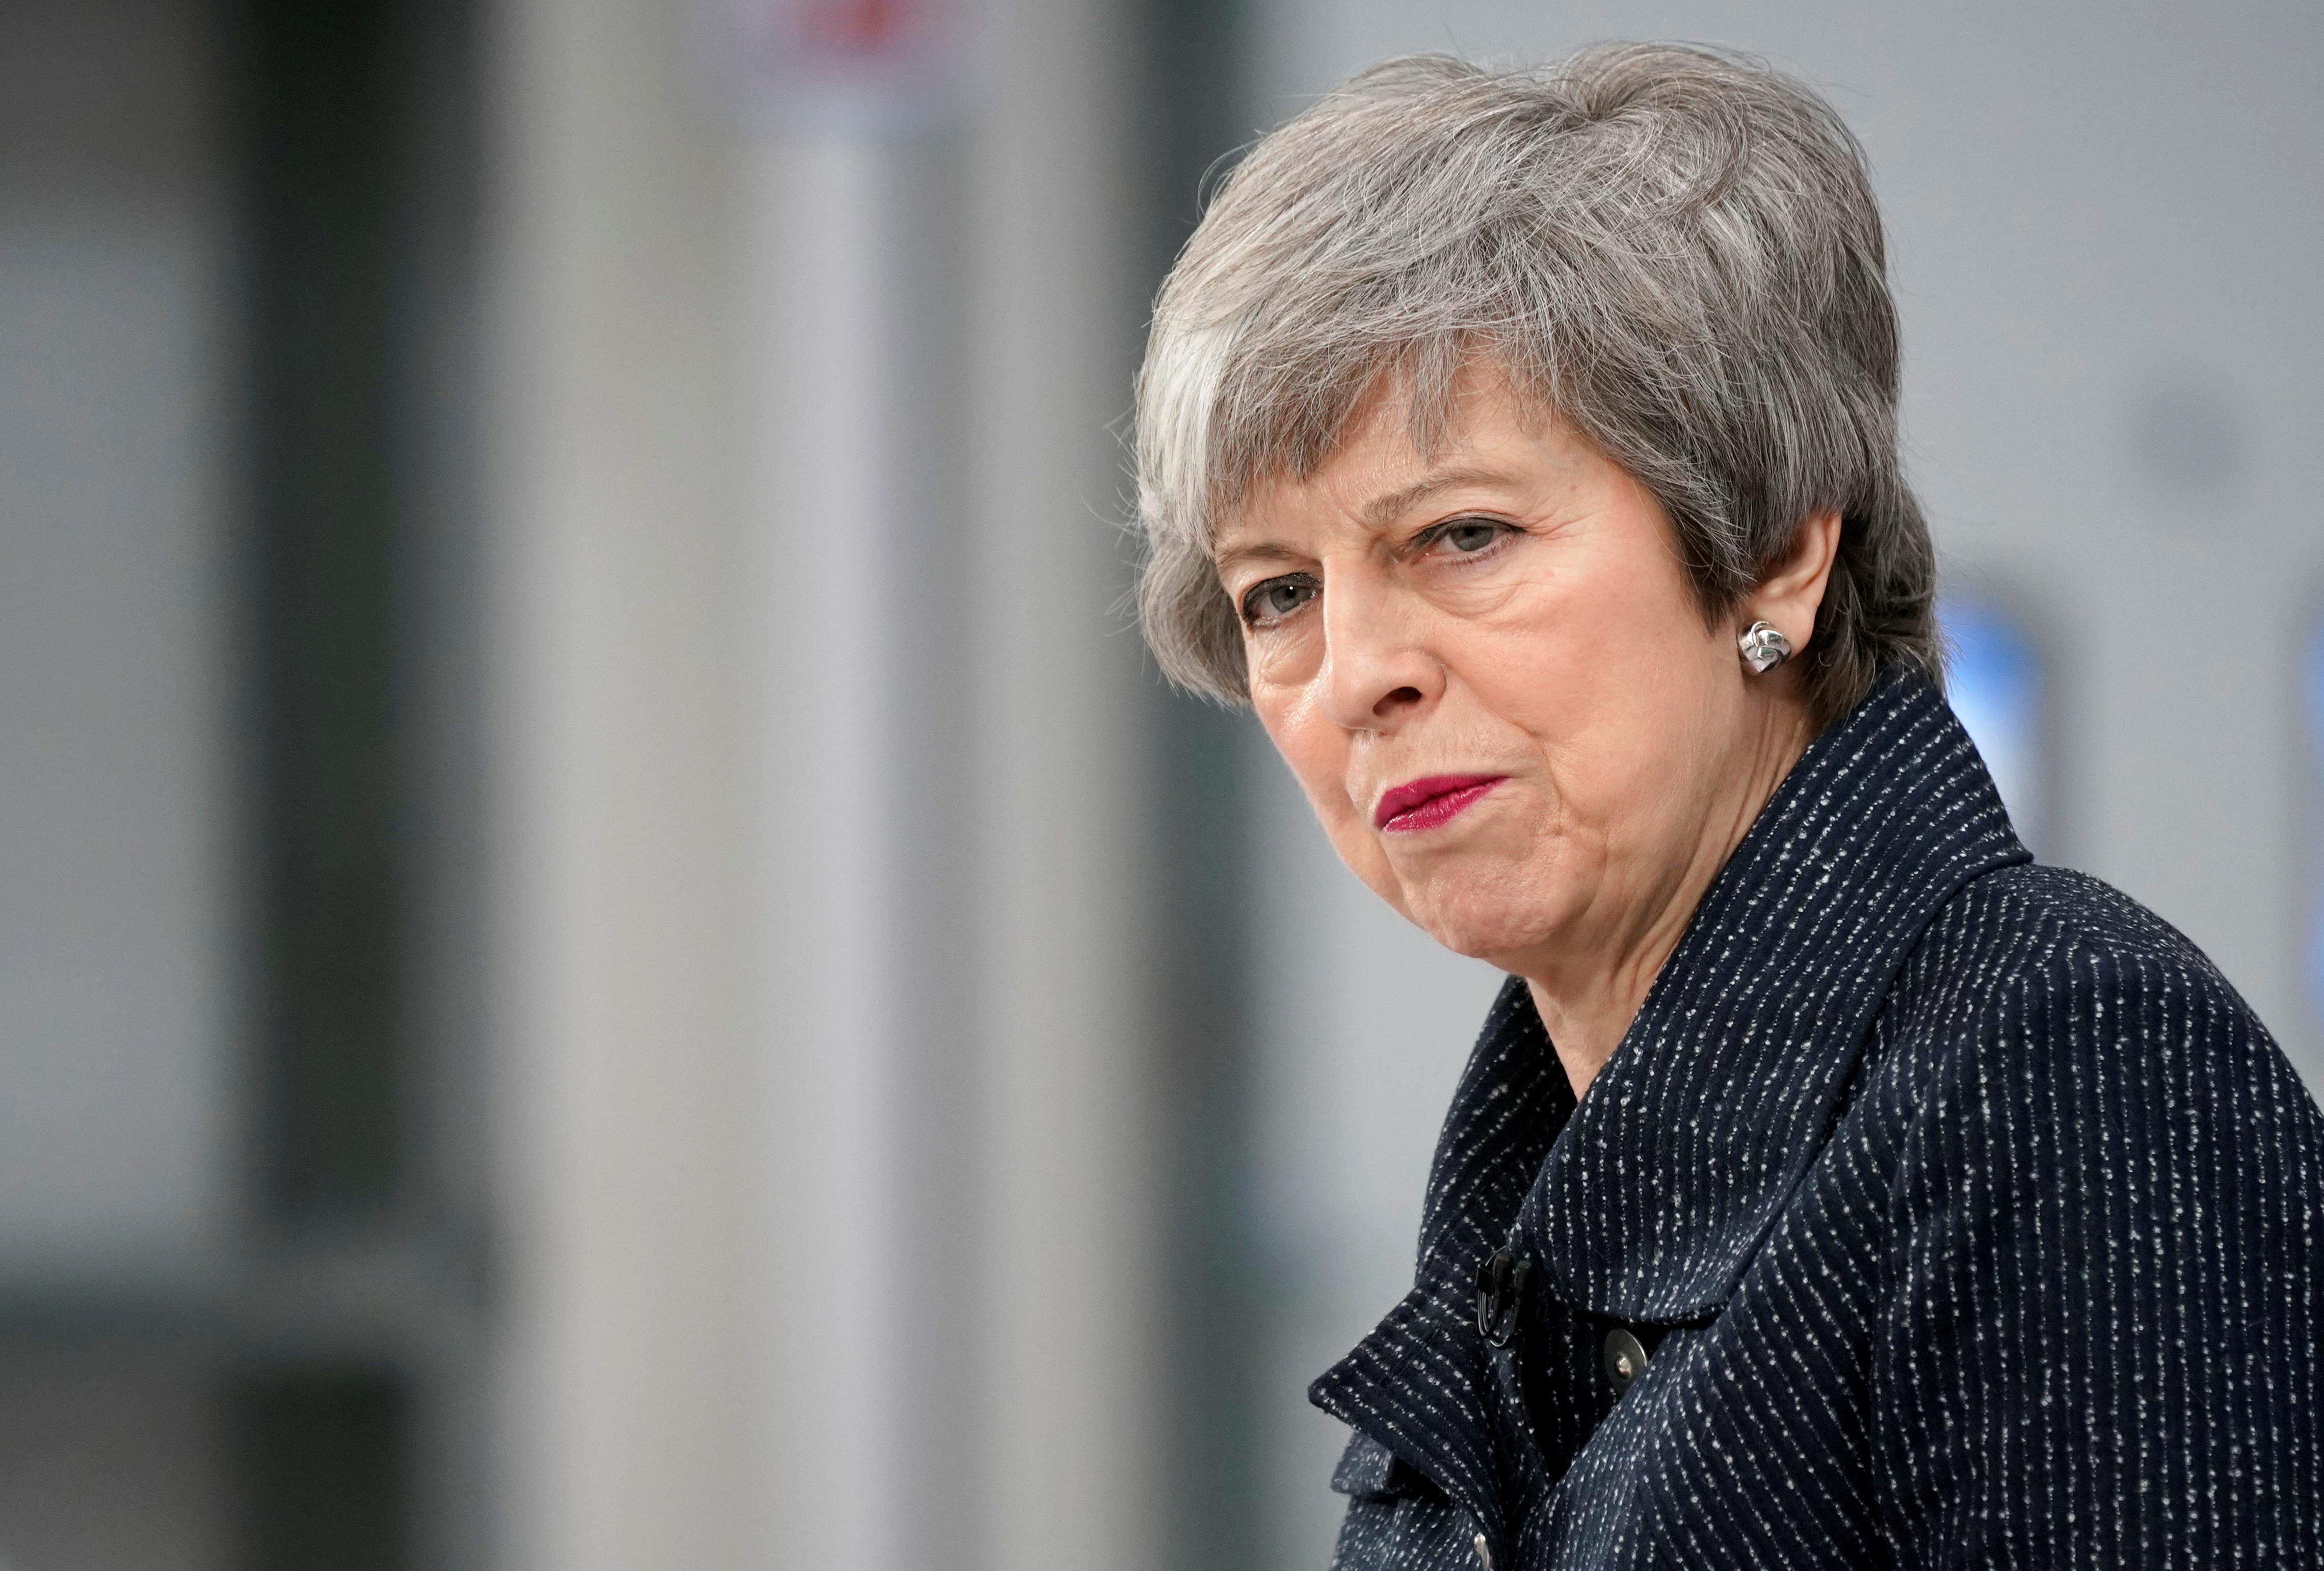 en-direct-les-deputes-britanniques-votent-a-nouveau-sur-le-brexit